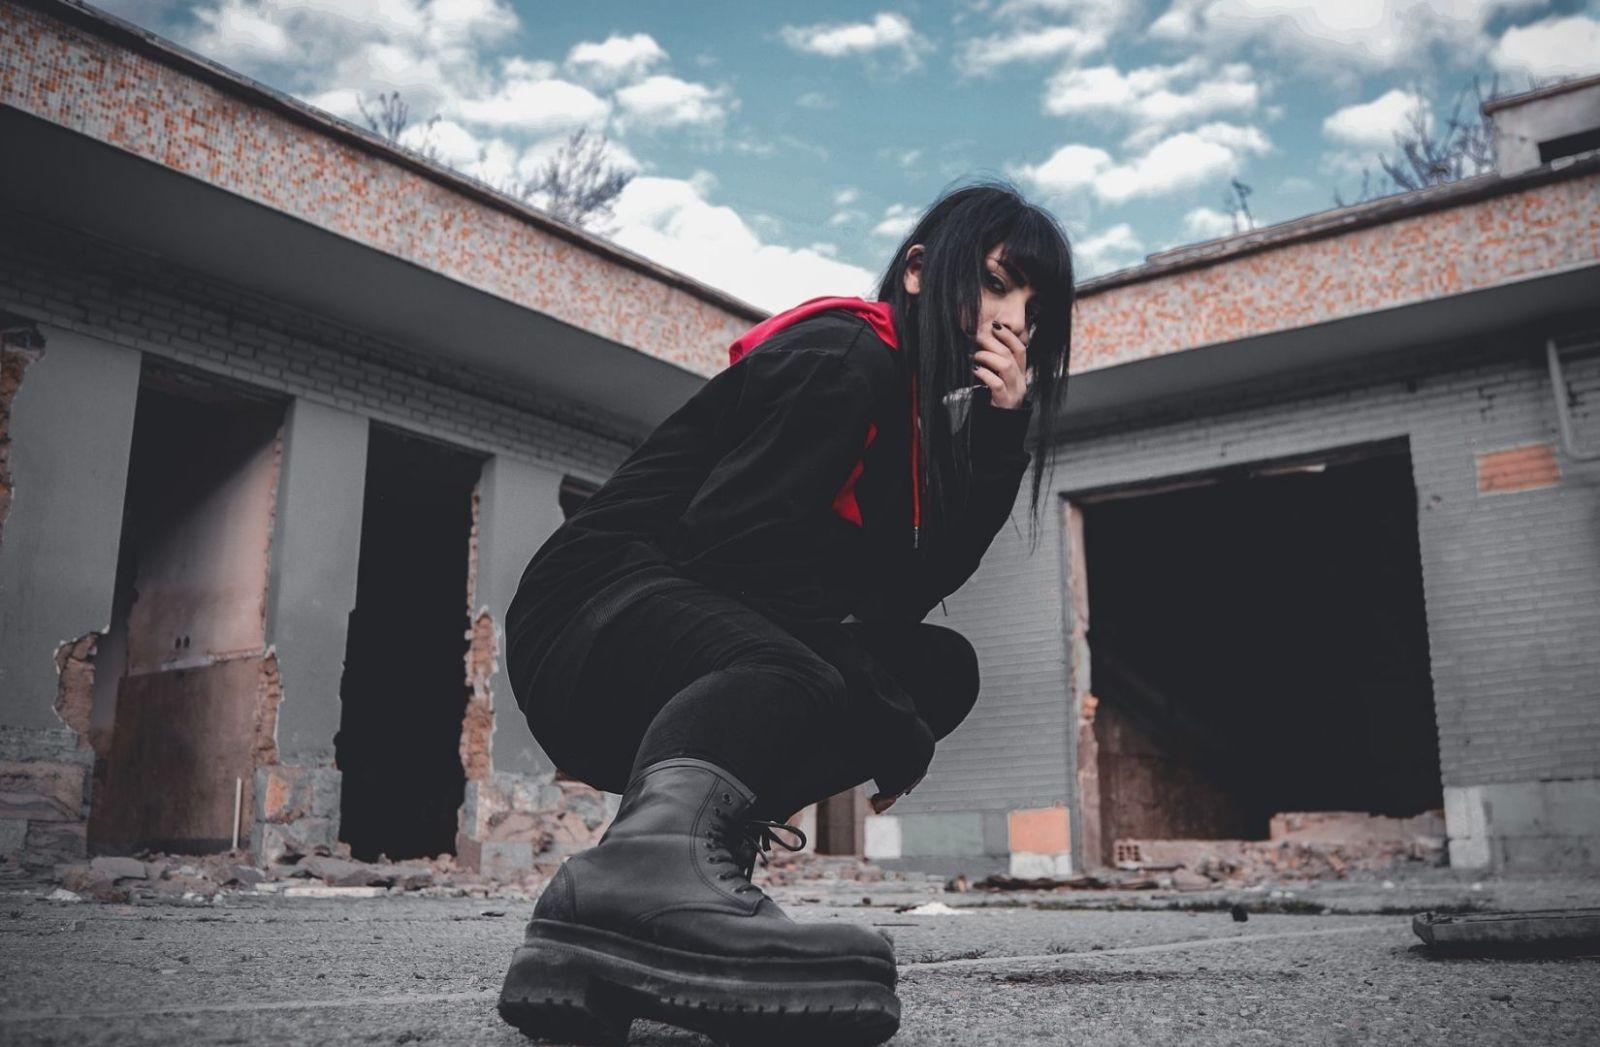 Eine Frau mit Stiefeln in der Sonne. (Foto: Mahbod Akhzami, Unsplash.com)